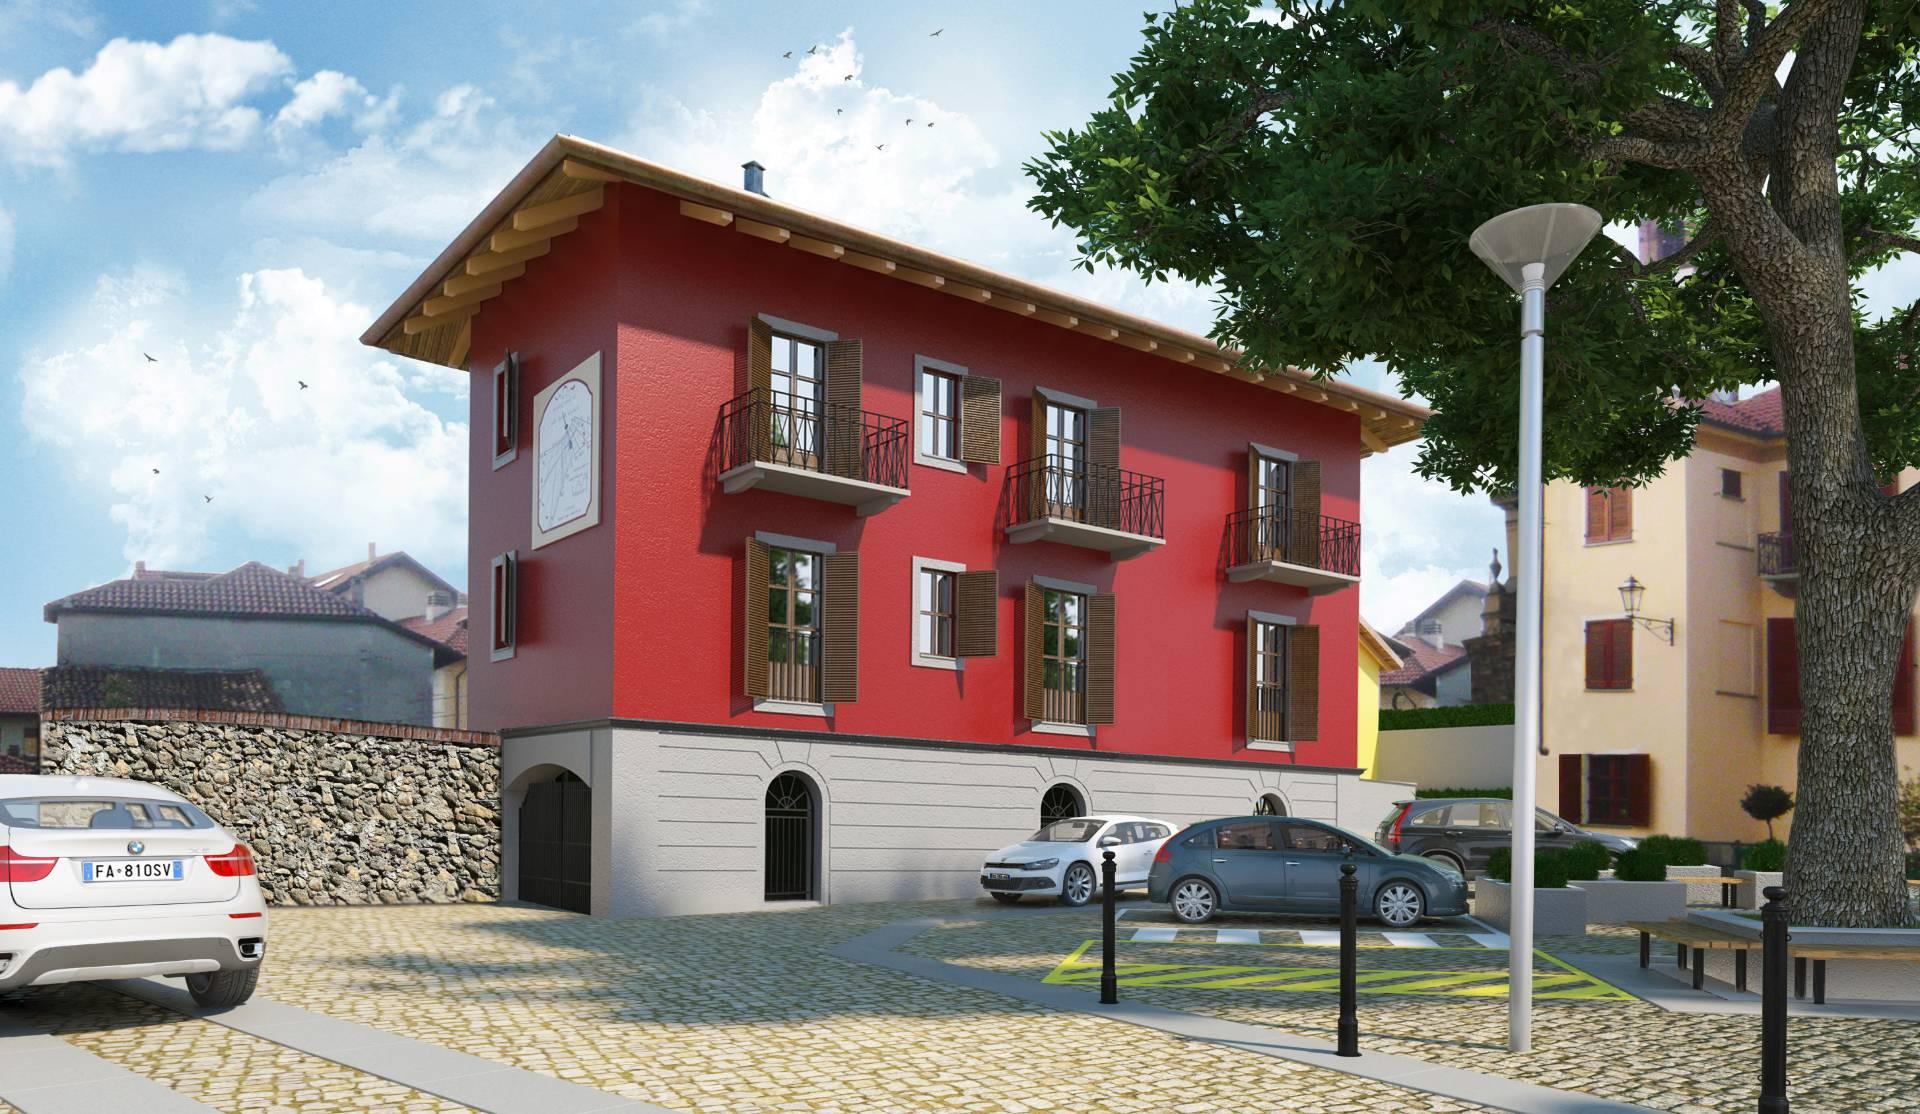 Appartamento in vendita a Villarbasse, 2 locali, zona Località: Centro, prezzo € 178.000   CambioCasa.it